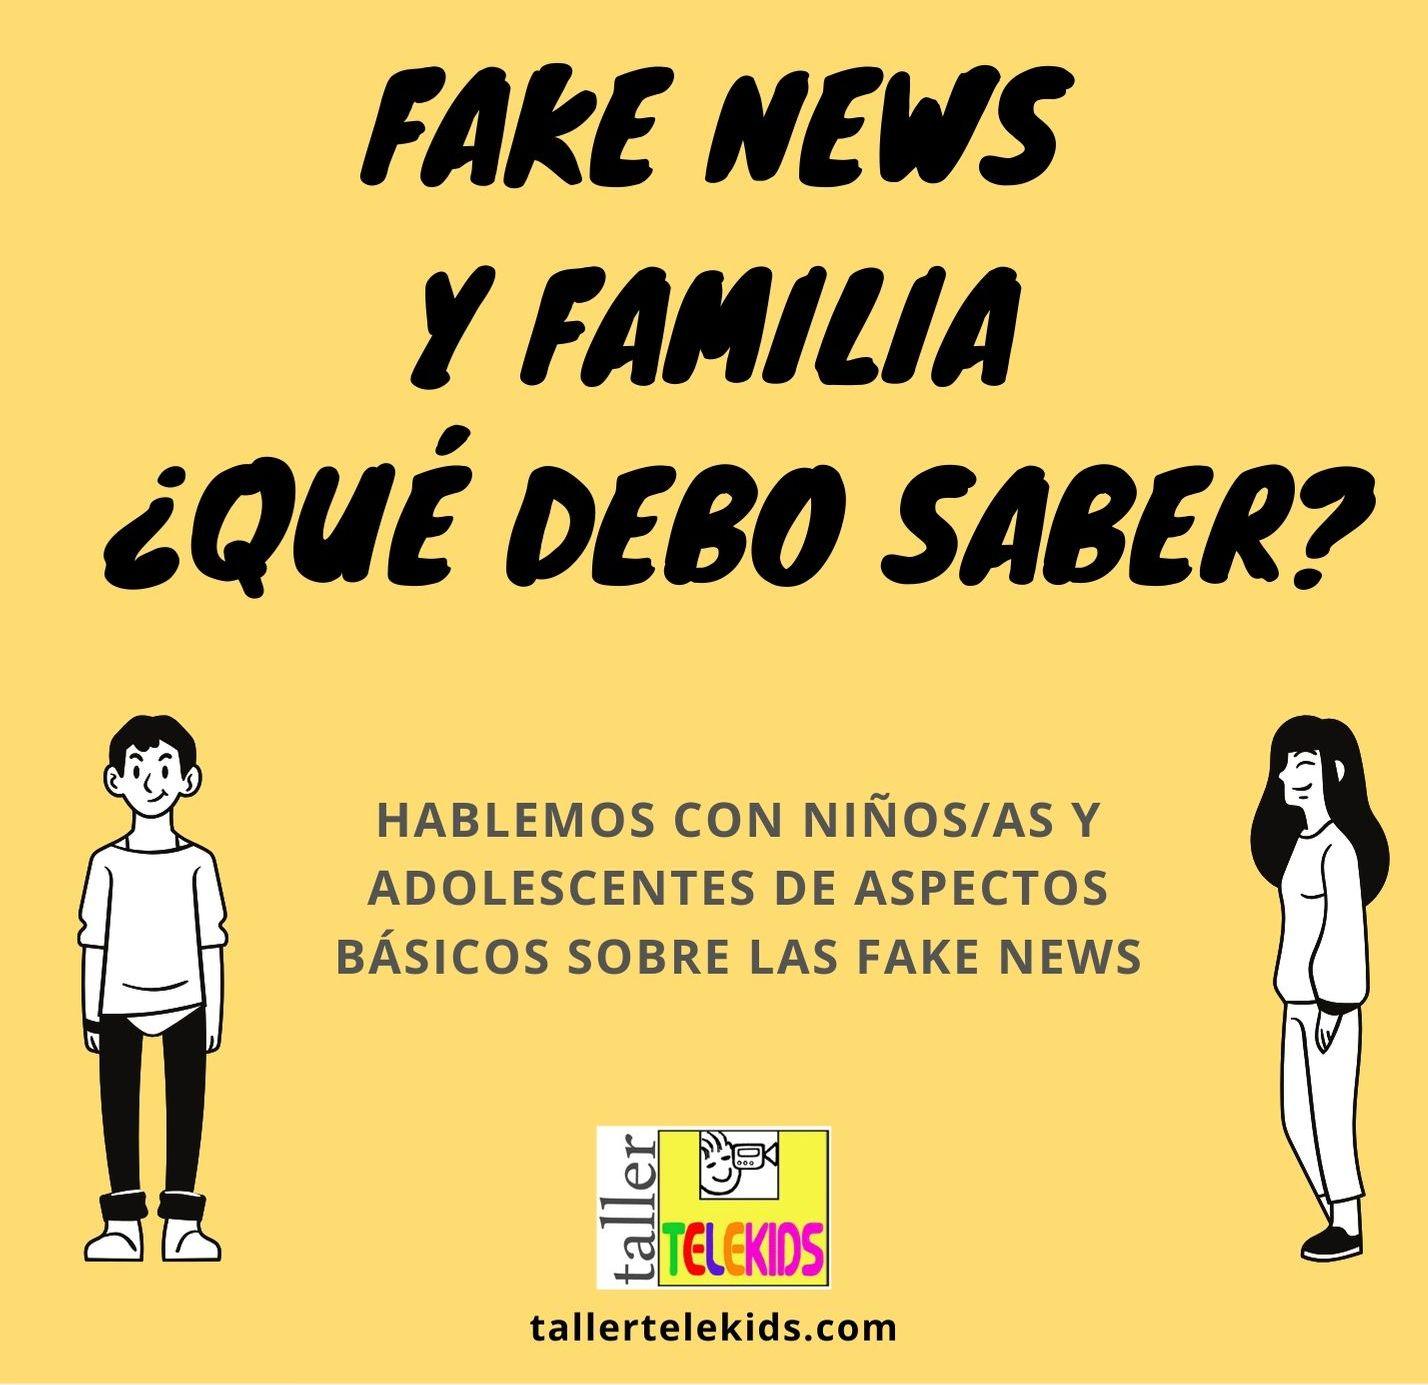 Taller Telekids Flyer Fake News portada pequeña